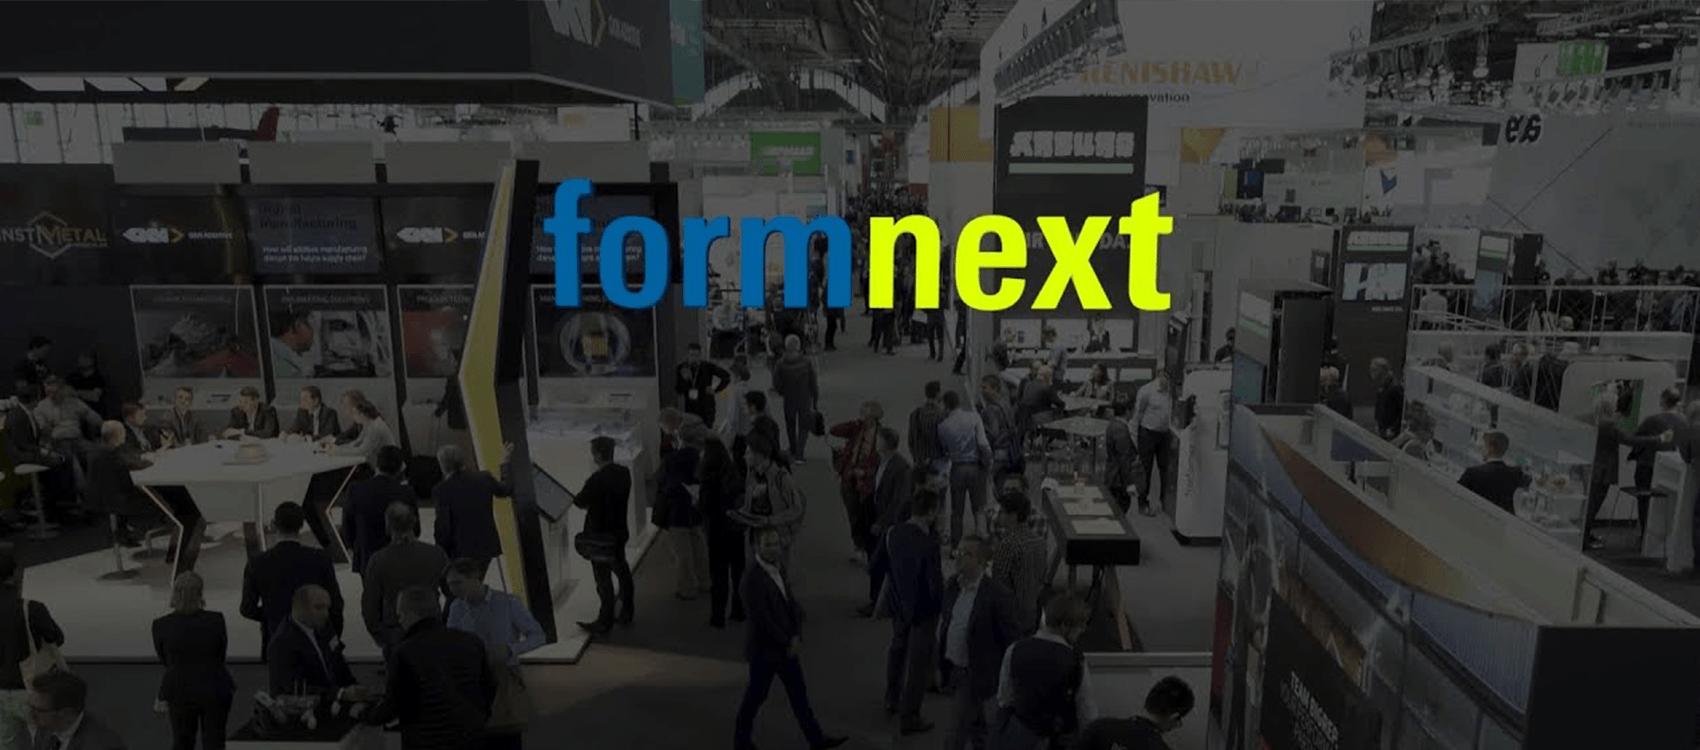 formnext-2019 frankfurt